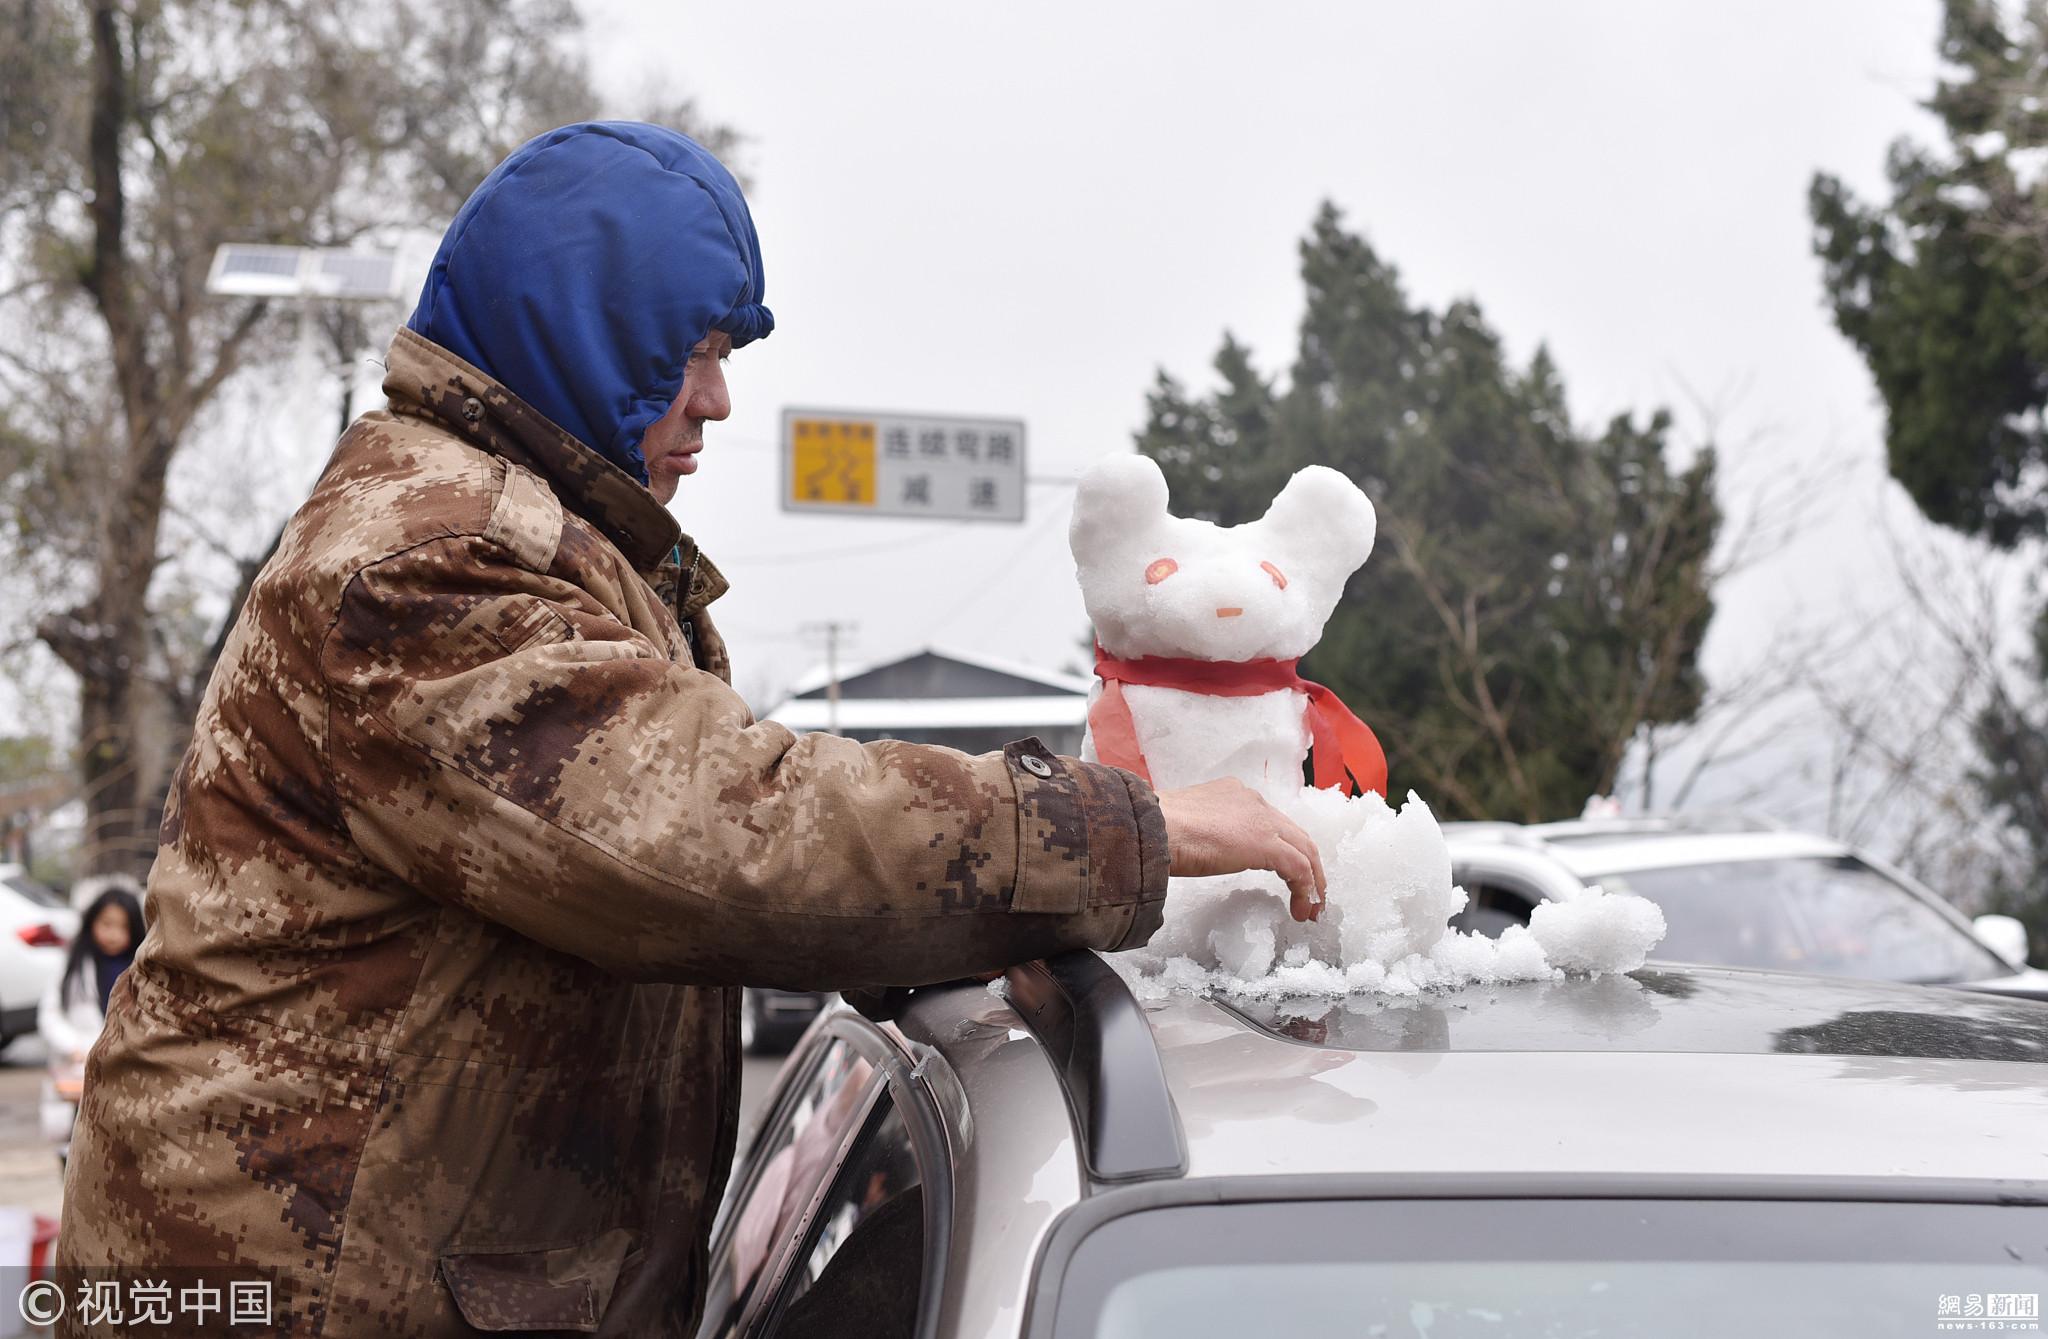 成都迎来几年来少见的大范围降雪天气,在龙泉山一带的村民上演雪娃娃经济,让他们副业有成。村民将雪做成人、狗、猪等造型,价格从20元起,最高有卖50元一个,有人两天因此收入上千元。雪娃娃非常受欢迎,市民争相购买,成为车辆顶部的标配。